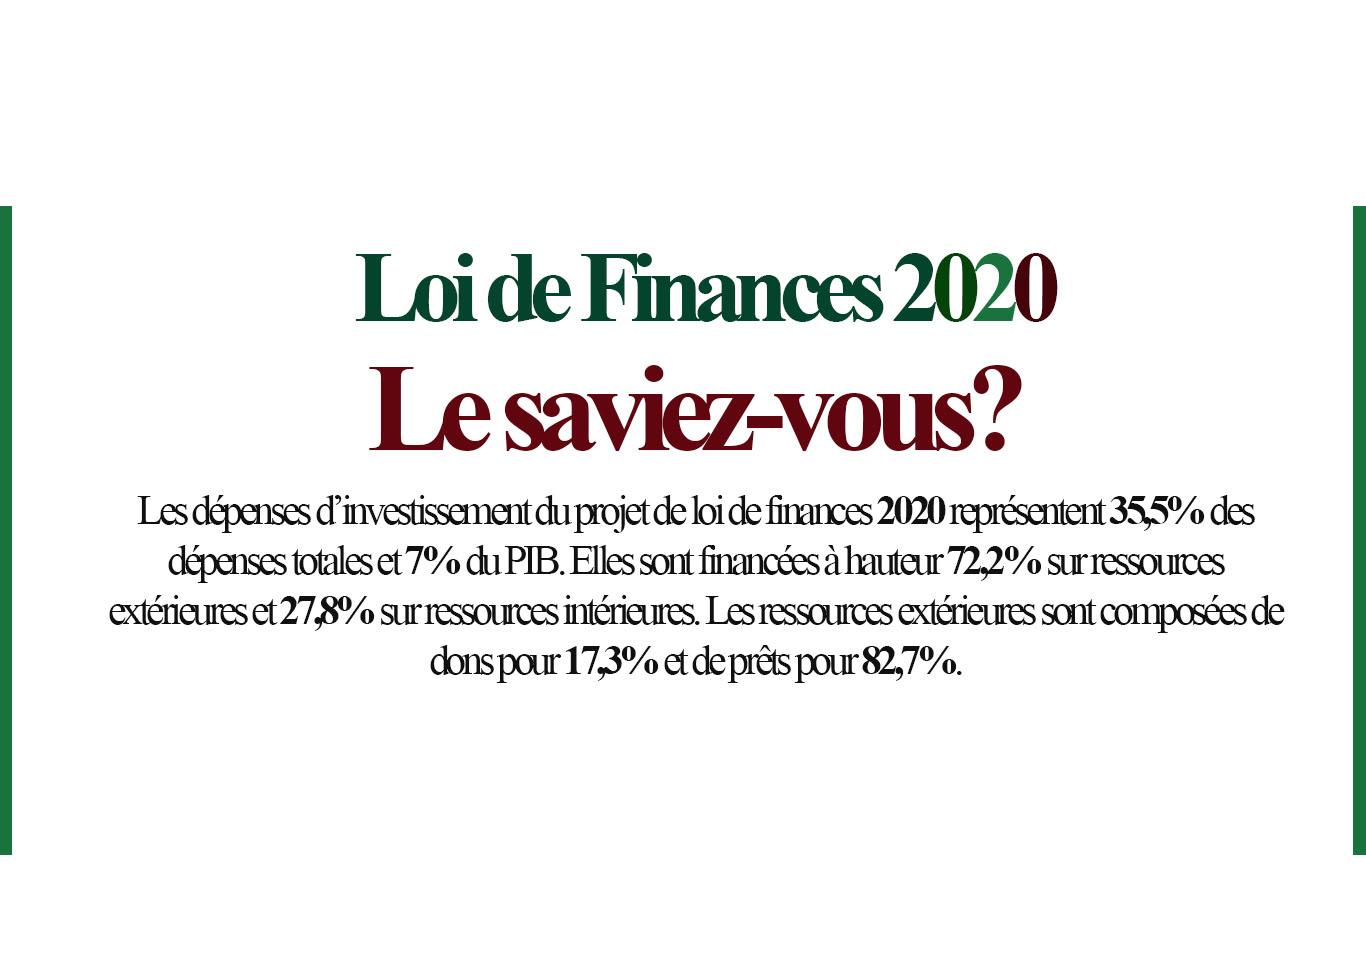 Loi de finances pour l'année 2020